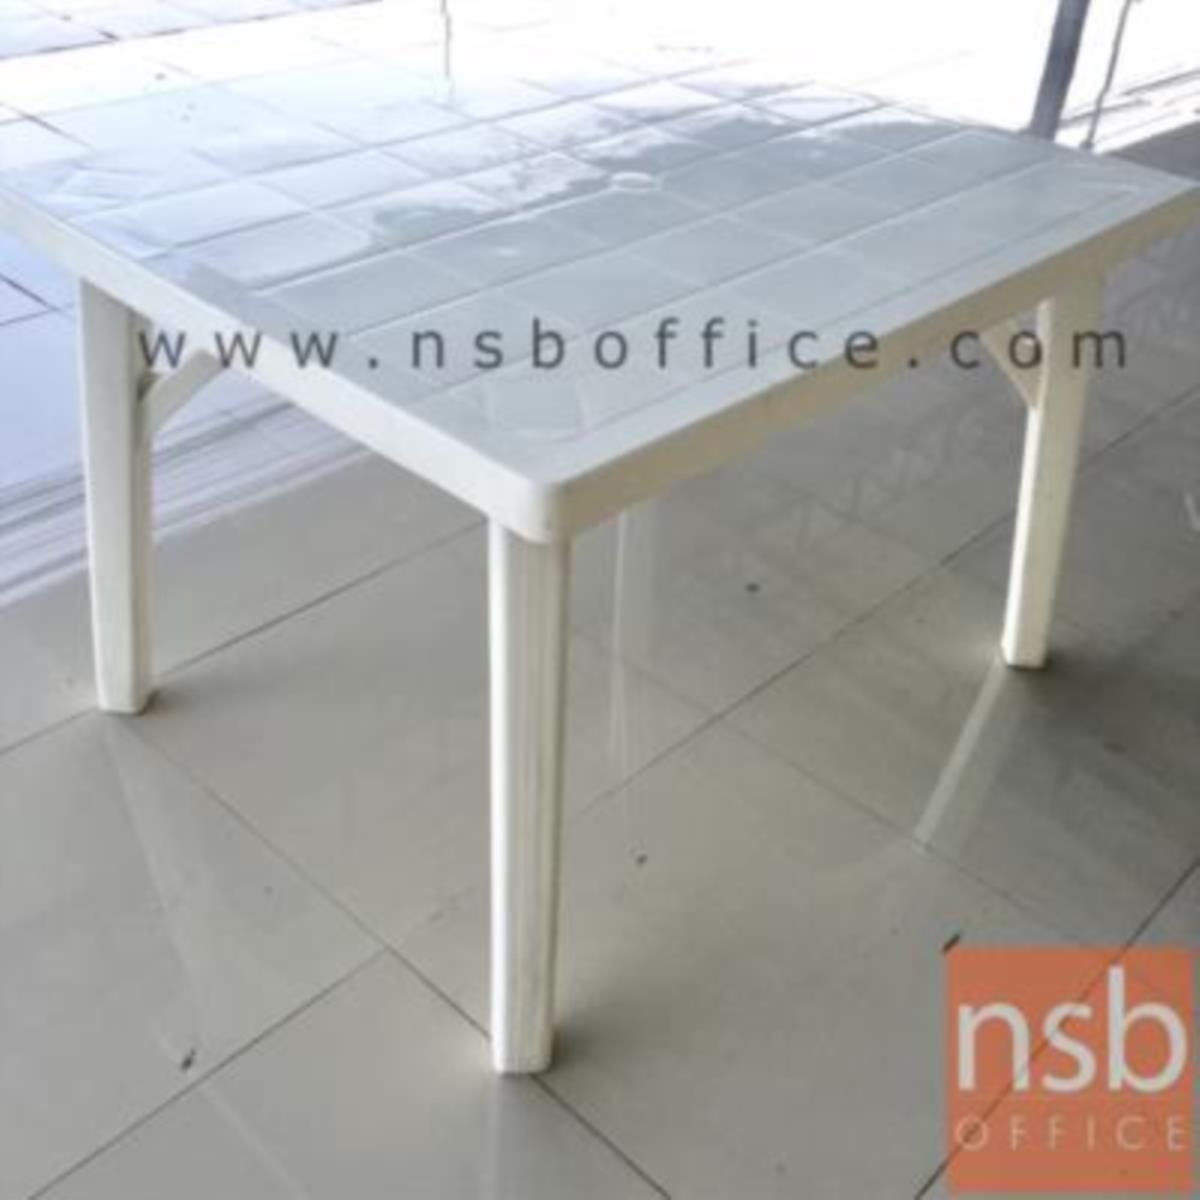 โต๊ะหน้าพลาสติก รุ่น TD-003 ขนาด 120W cm. (บรรจุกล่องละ 2 ตัว)